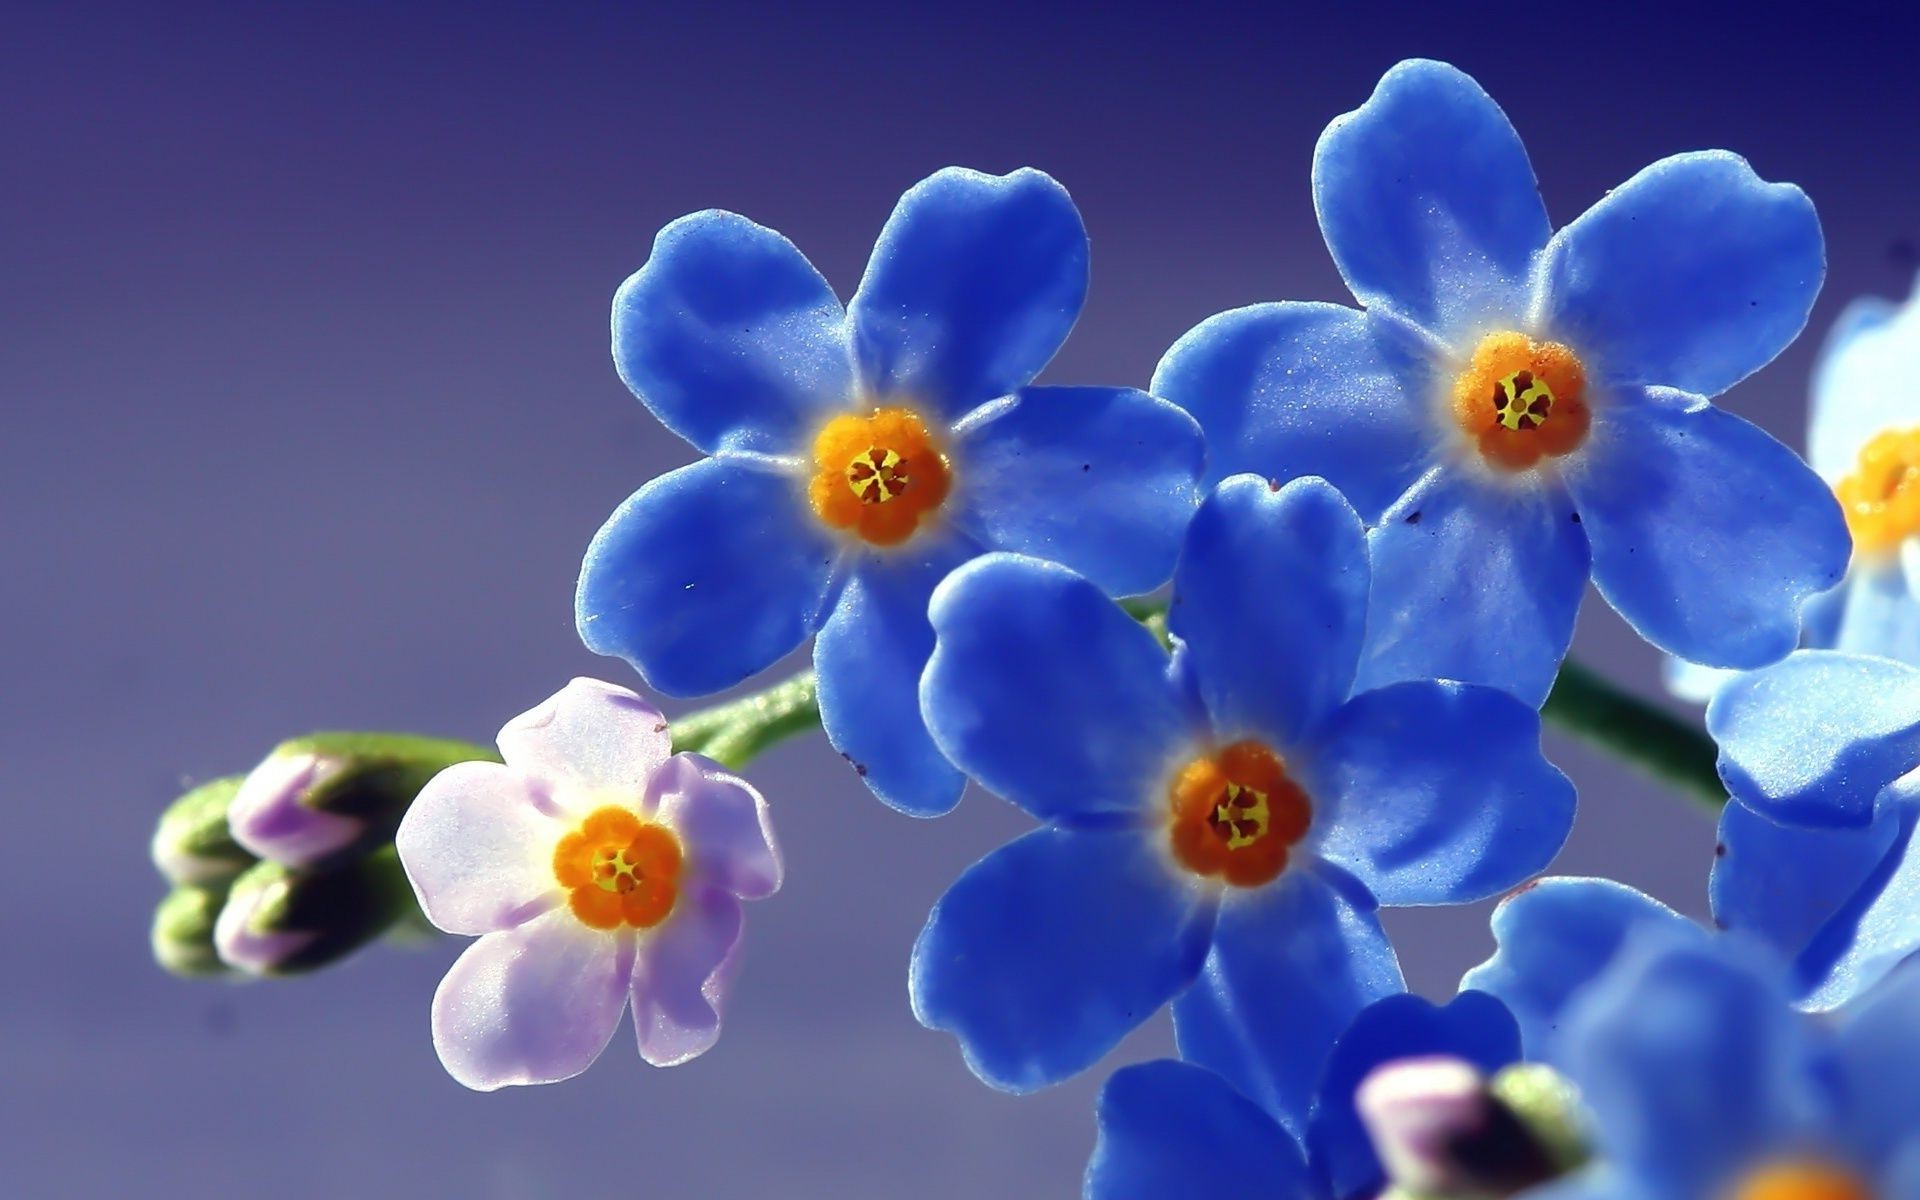 синие цветы незабудки крупный план роса  № 2779573 бесплатно